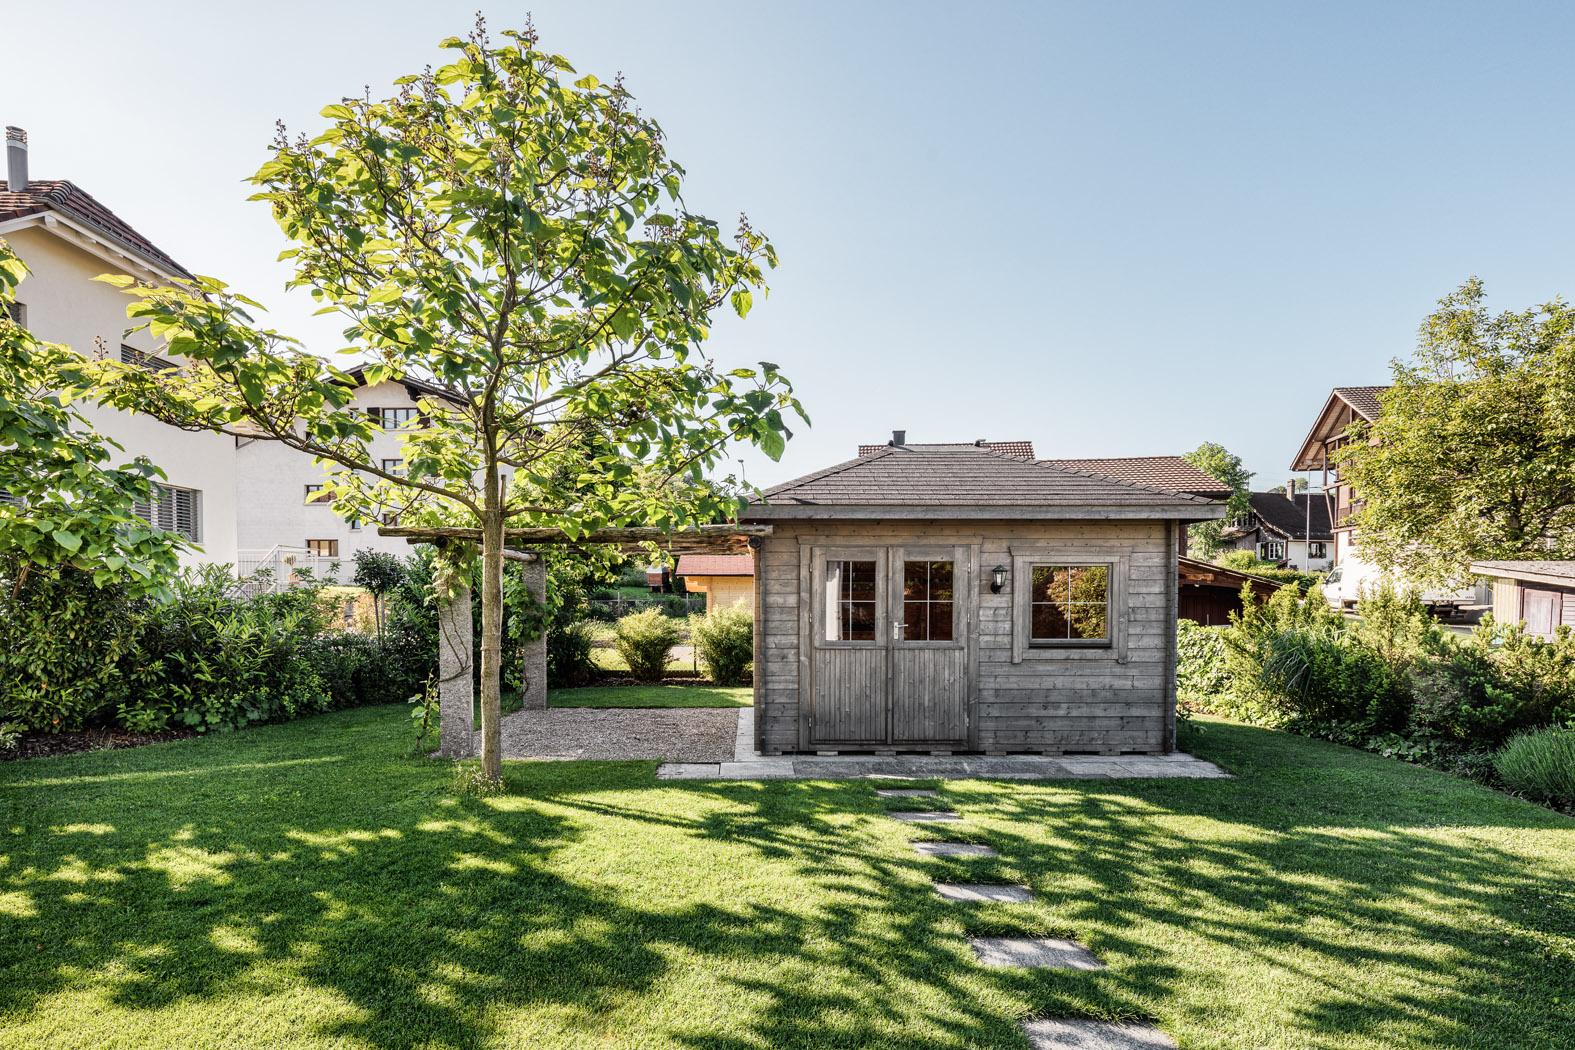 Gartenhaus mit Pergola